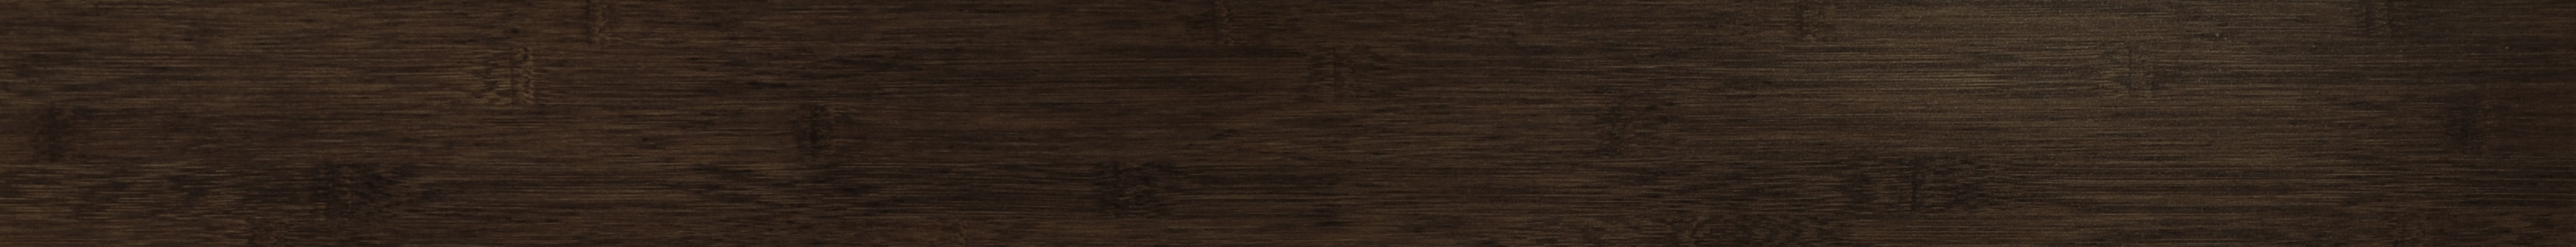 Массивная доска Bamboo Flooring Орех Матовый 4.7